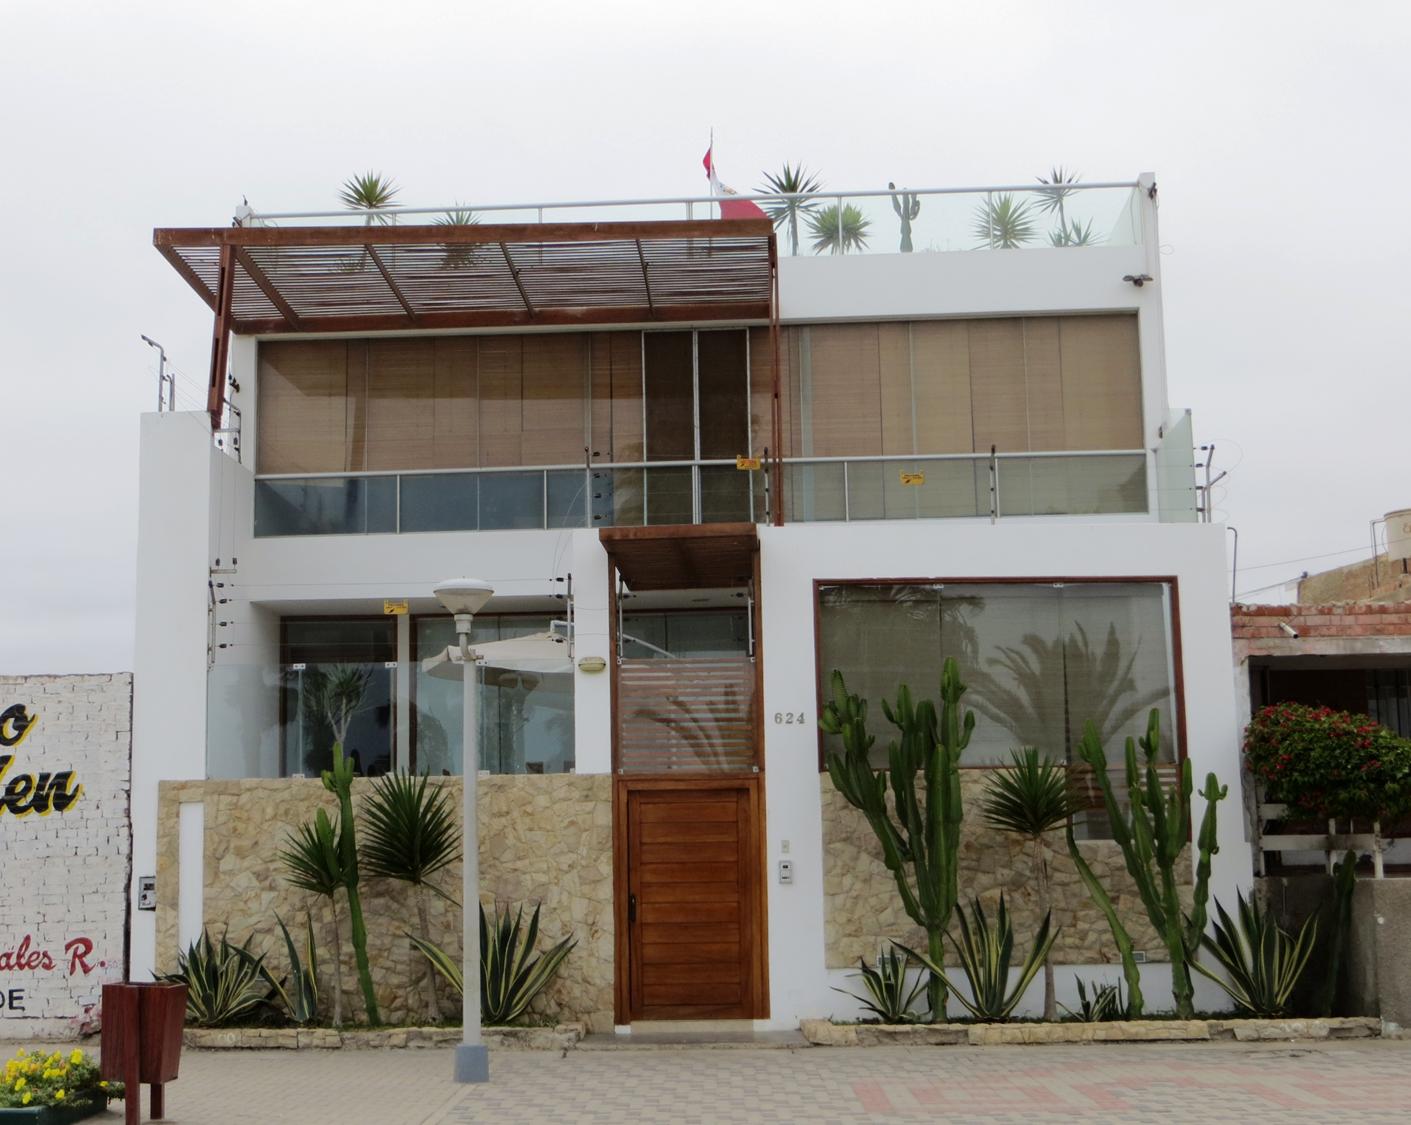 Fachadas de casas bonitas casa de tres pisos con jardin for Fachadas de casas de 3 pisos modernas